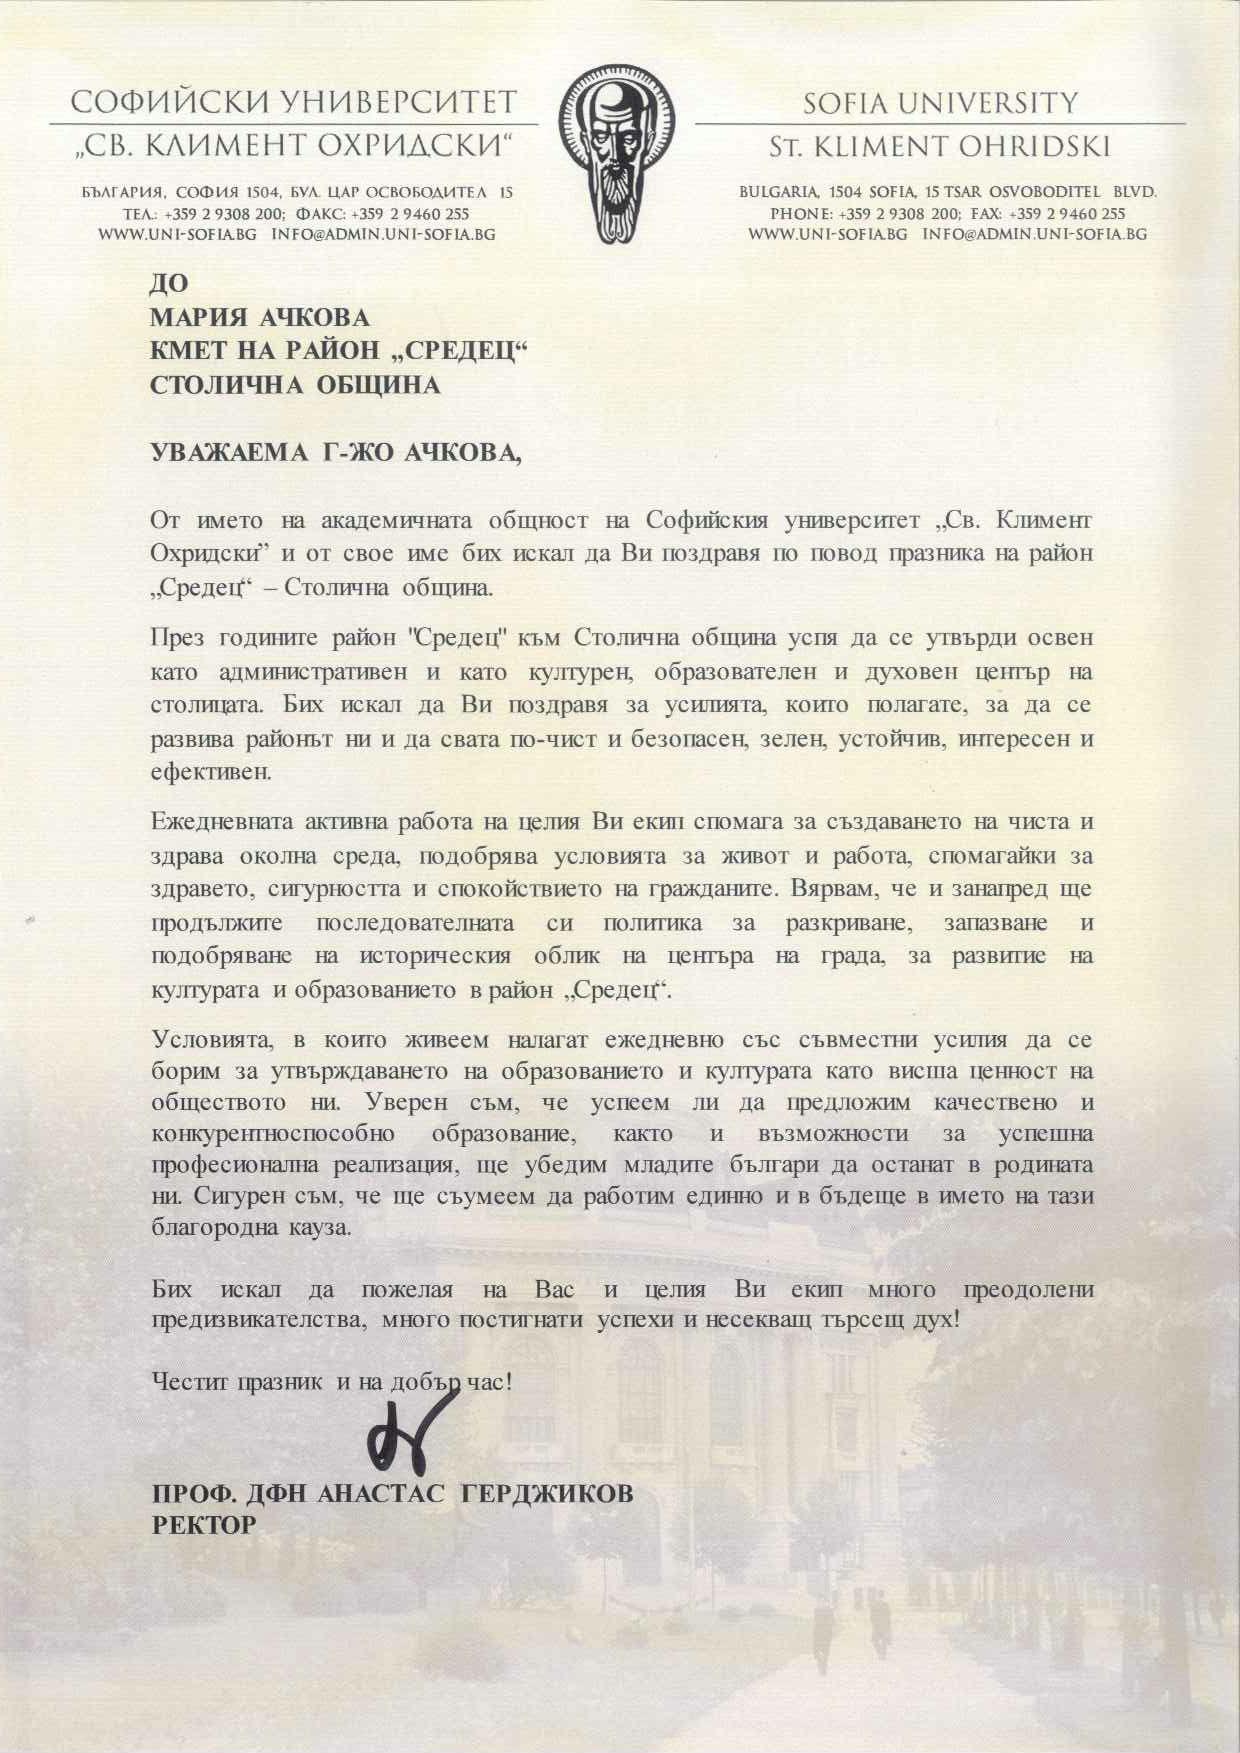 Поздравителен адрес от проф. дфн Анастас Герджиков ректор на СУ